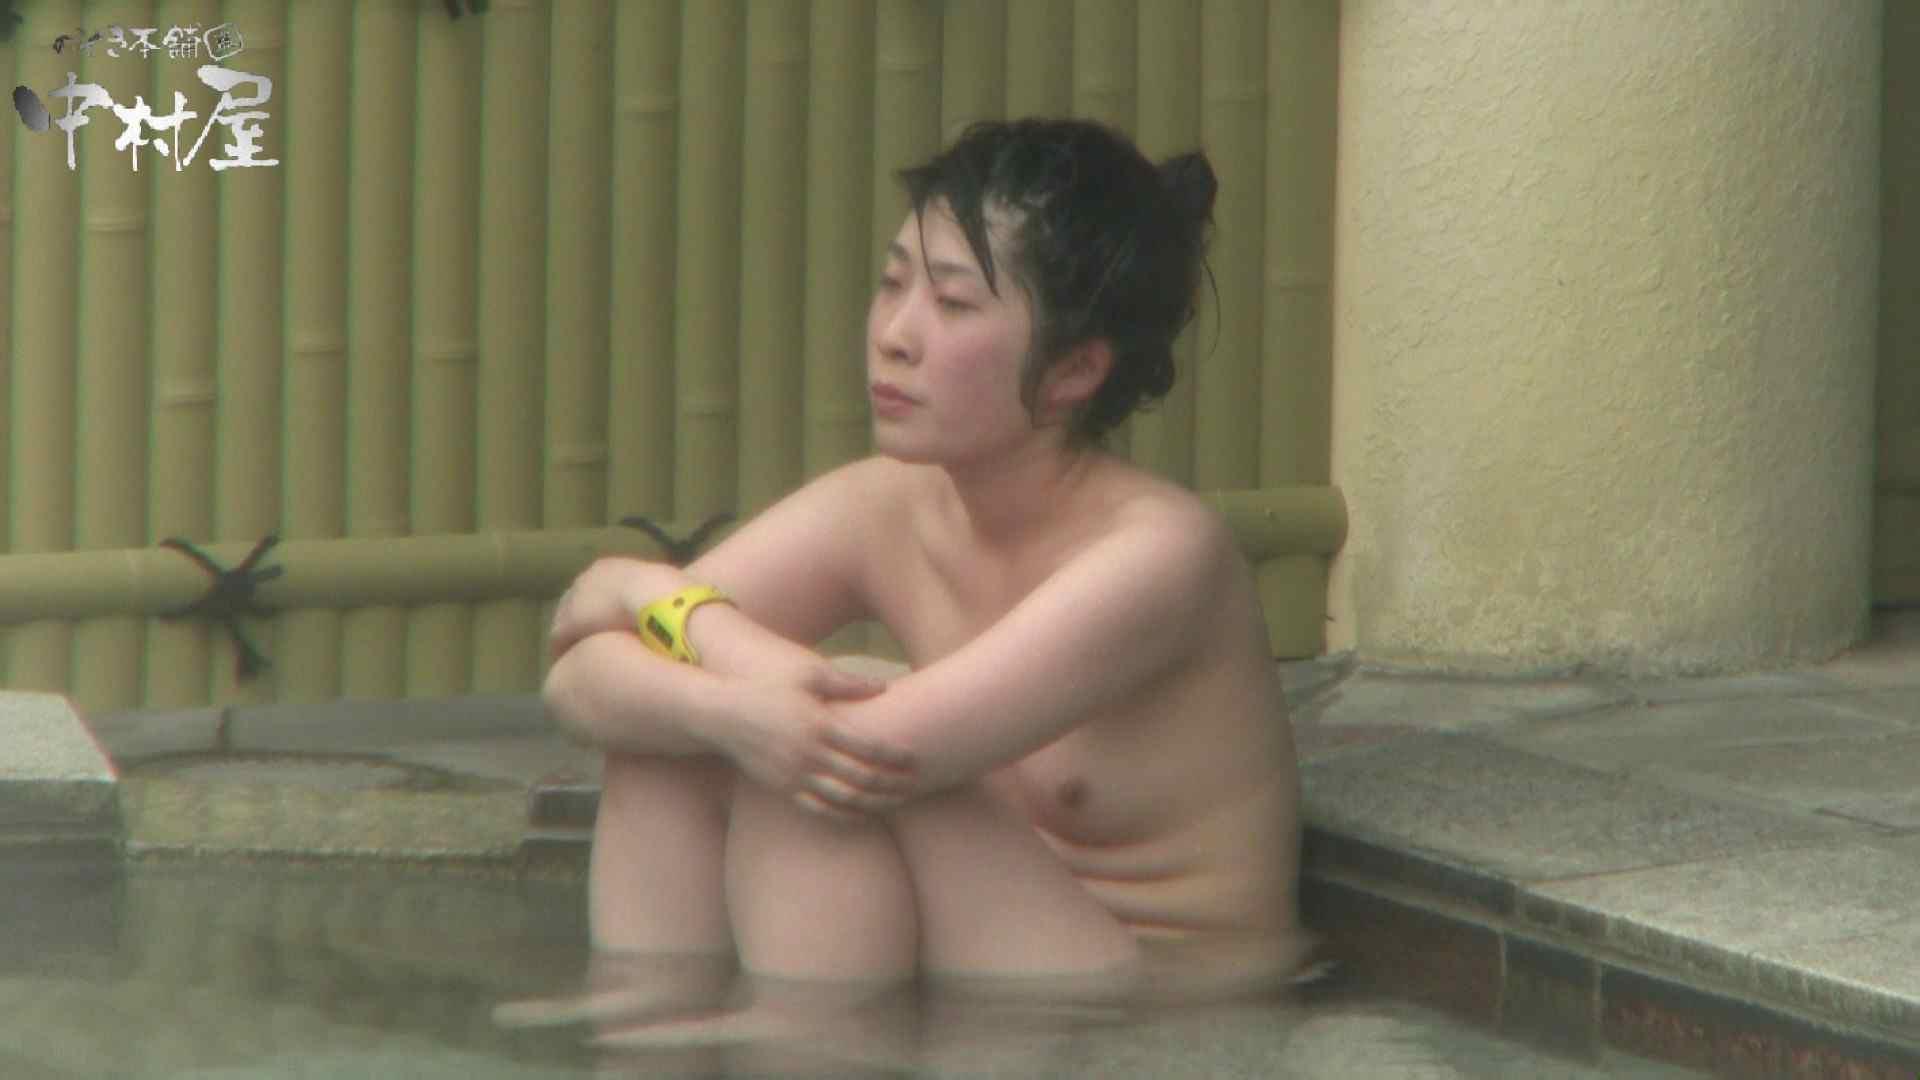 Aquaな露天風呂Vol.955 女体盗撮  74連発 48